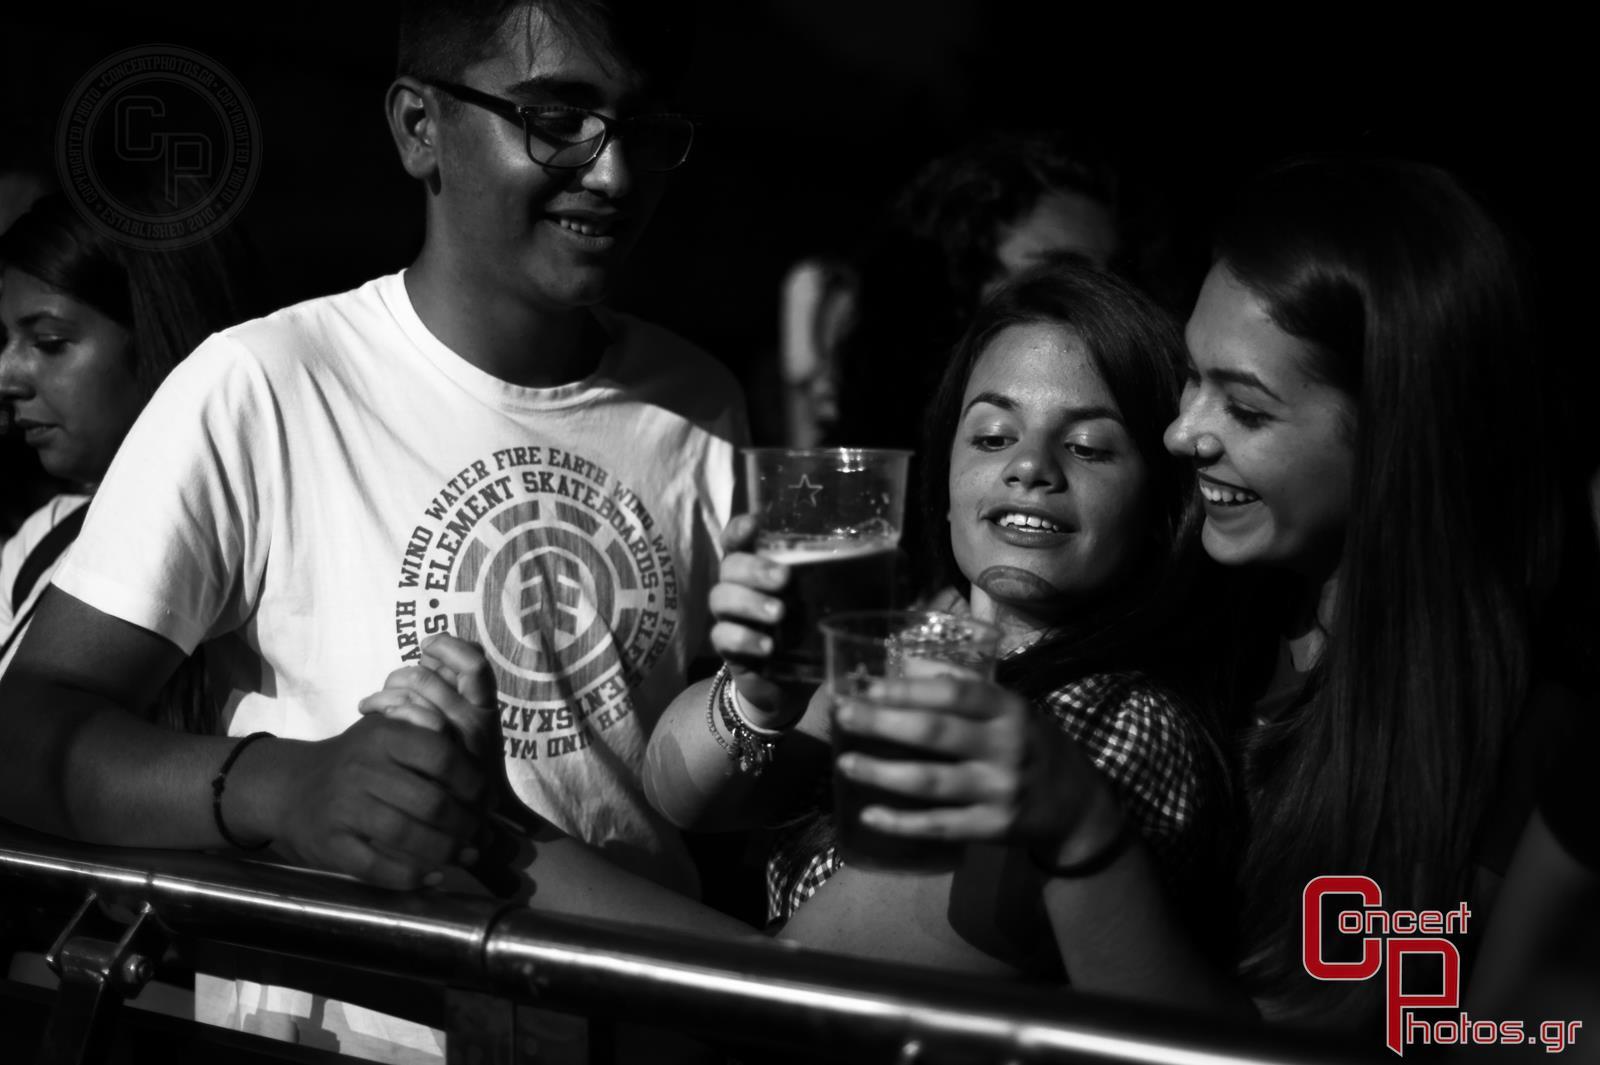 Μία συναυλία για τη Σχεδία 2014-Sxedia 2014 photographer:  - concertphotos_20140526_21_01_33